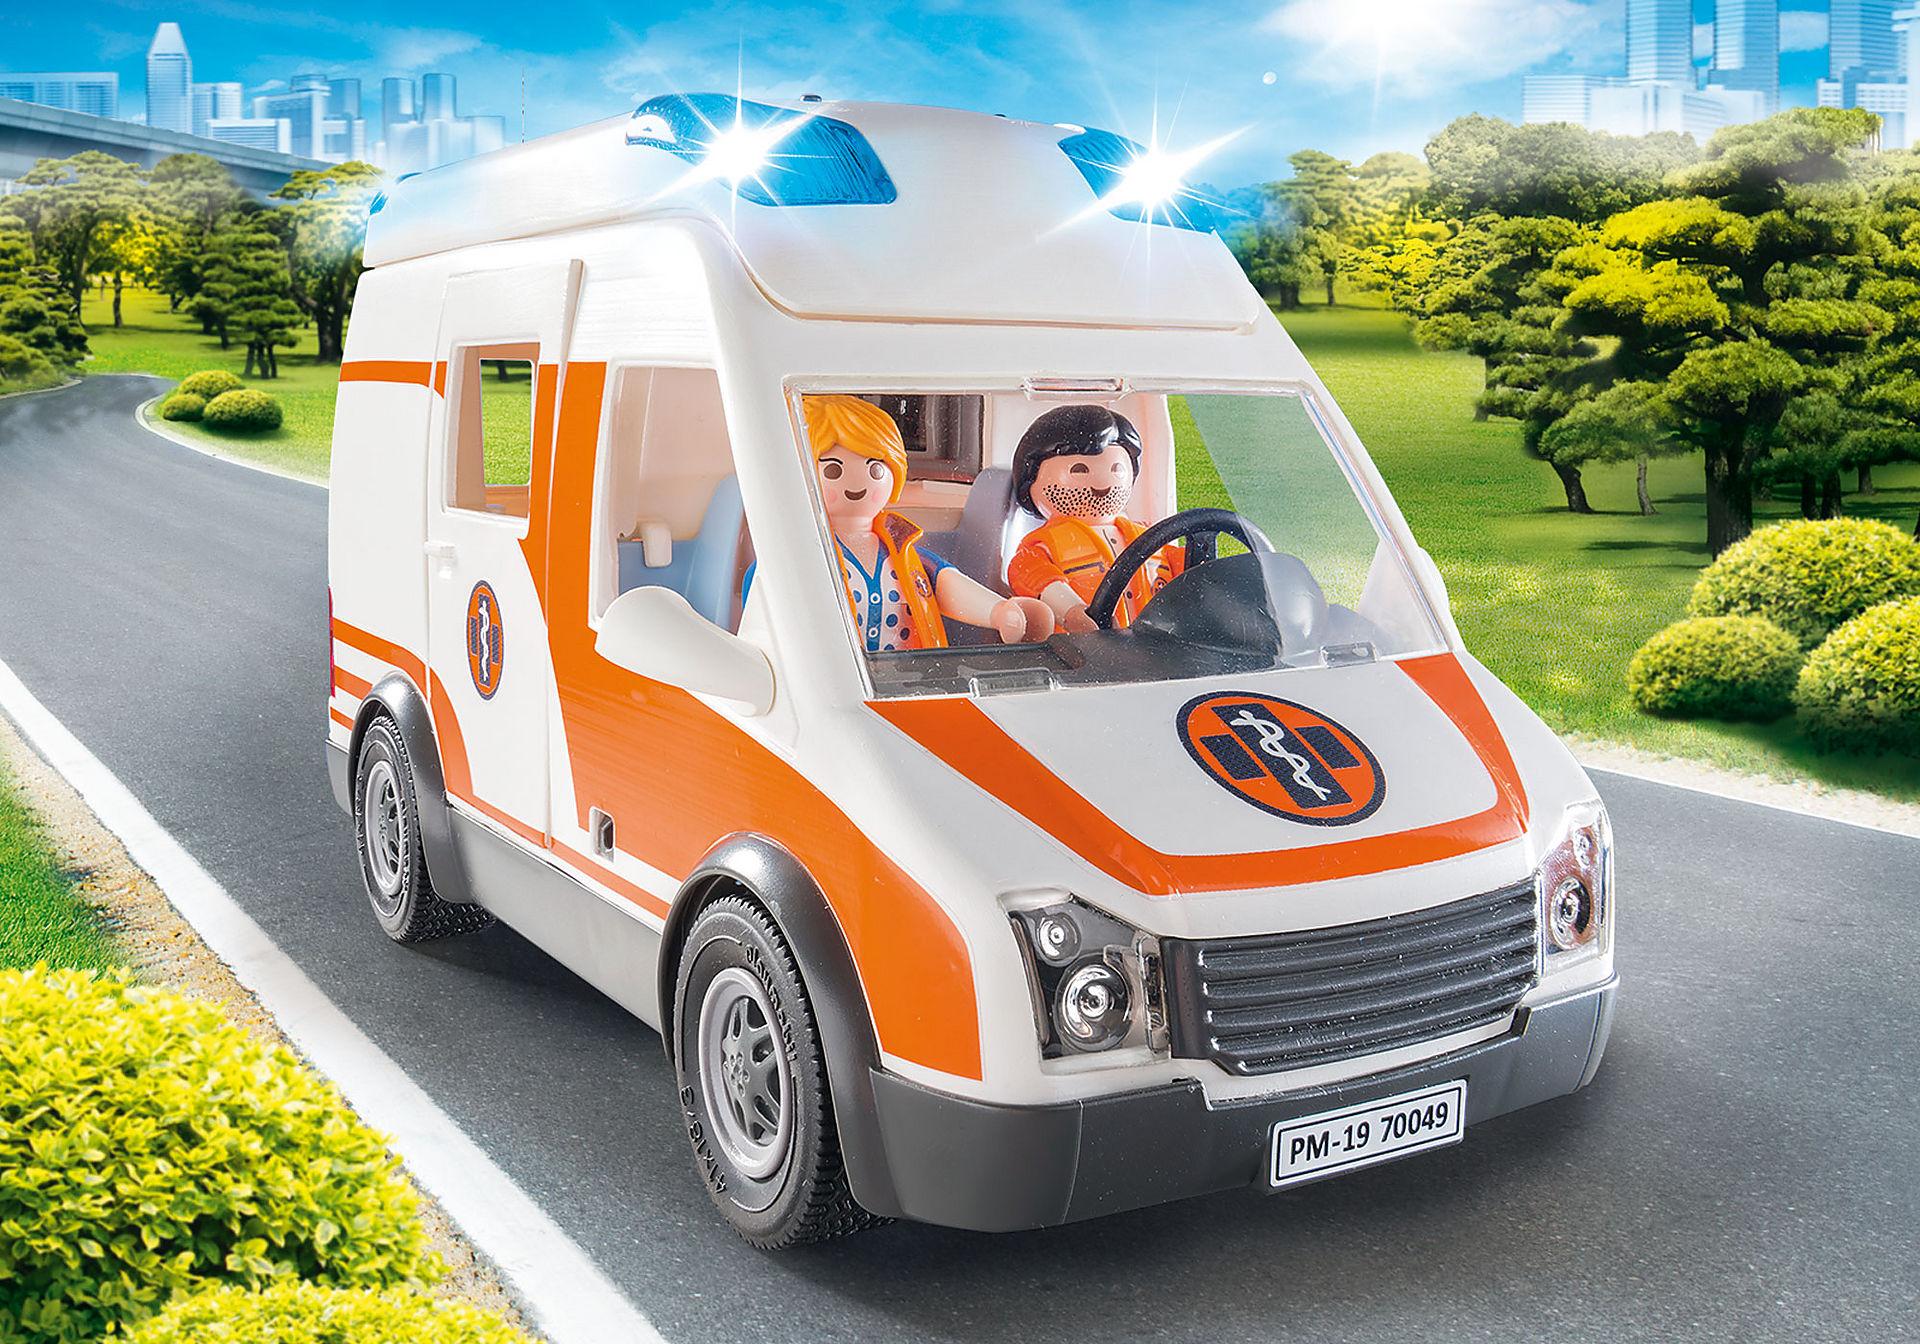 70049 Ambulanza con luci lampeggianti zoom image4